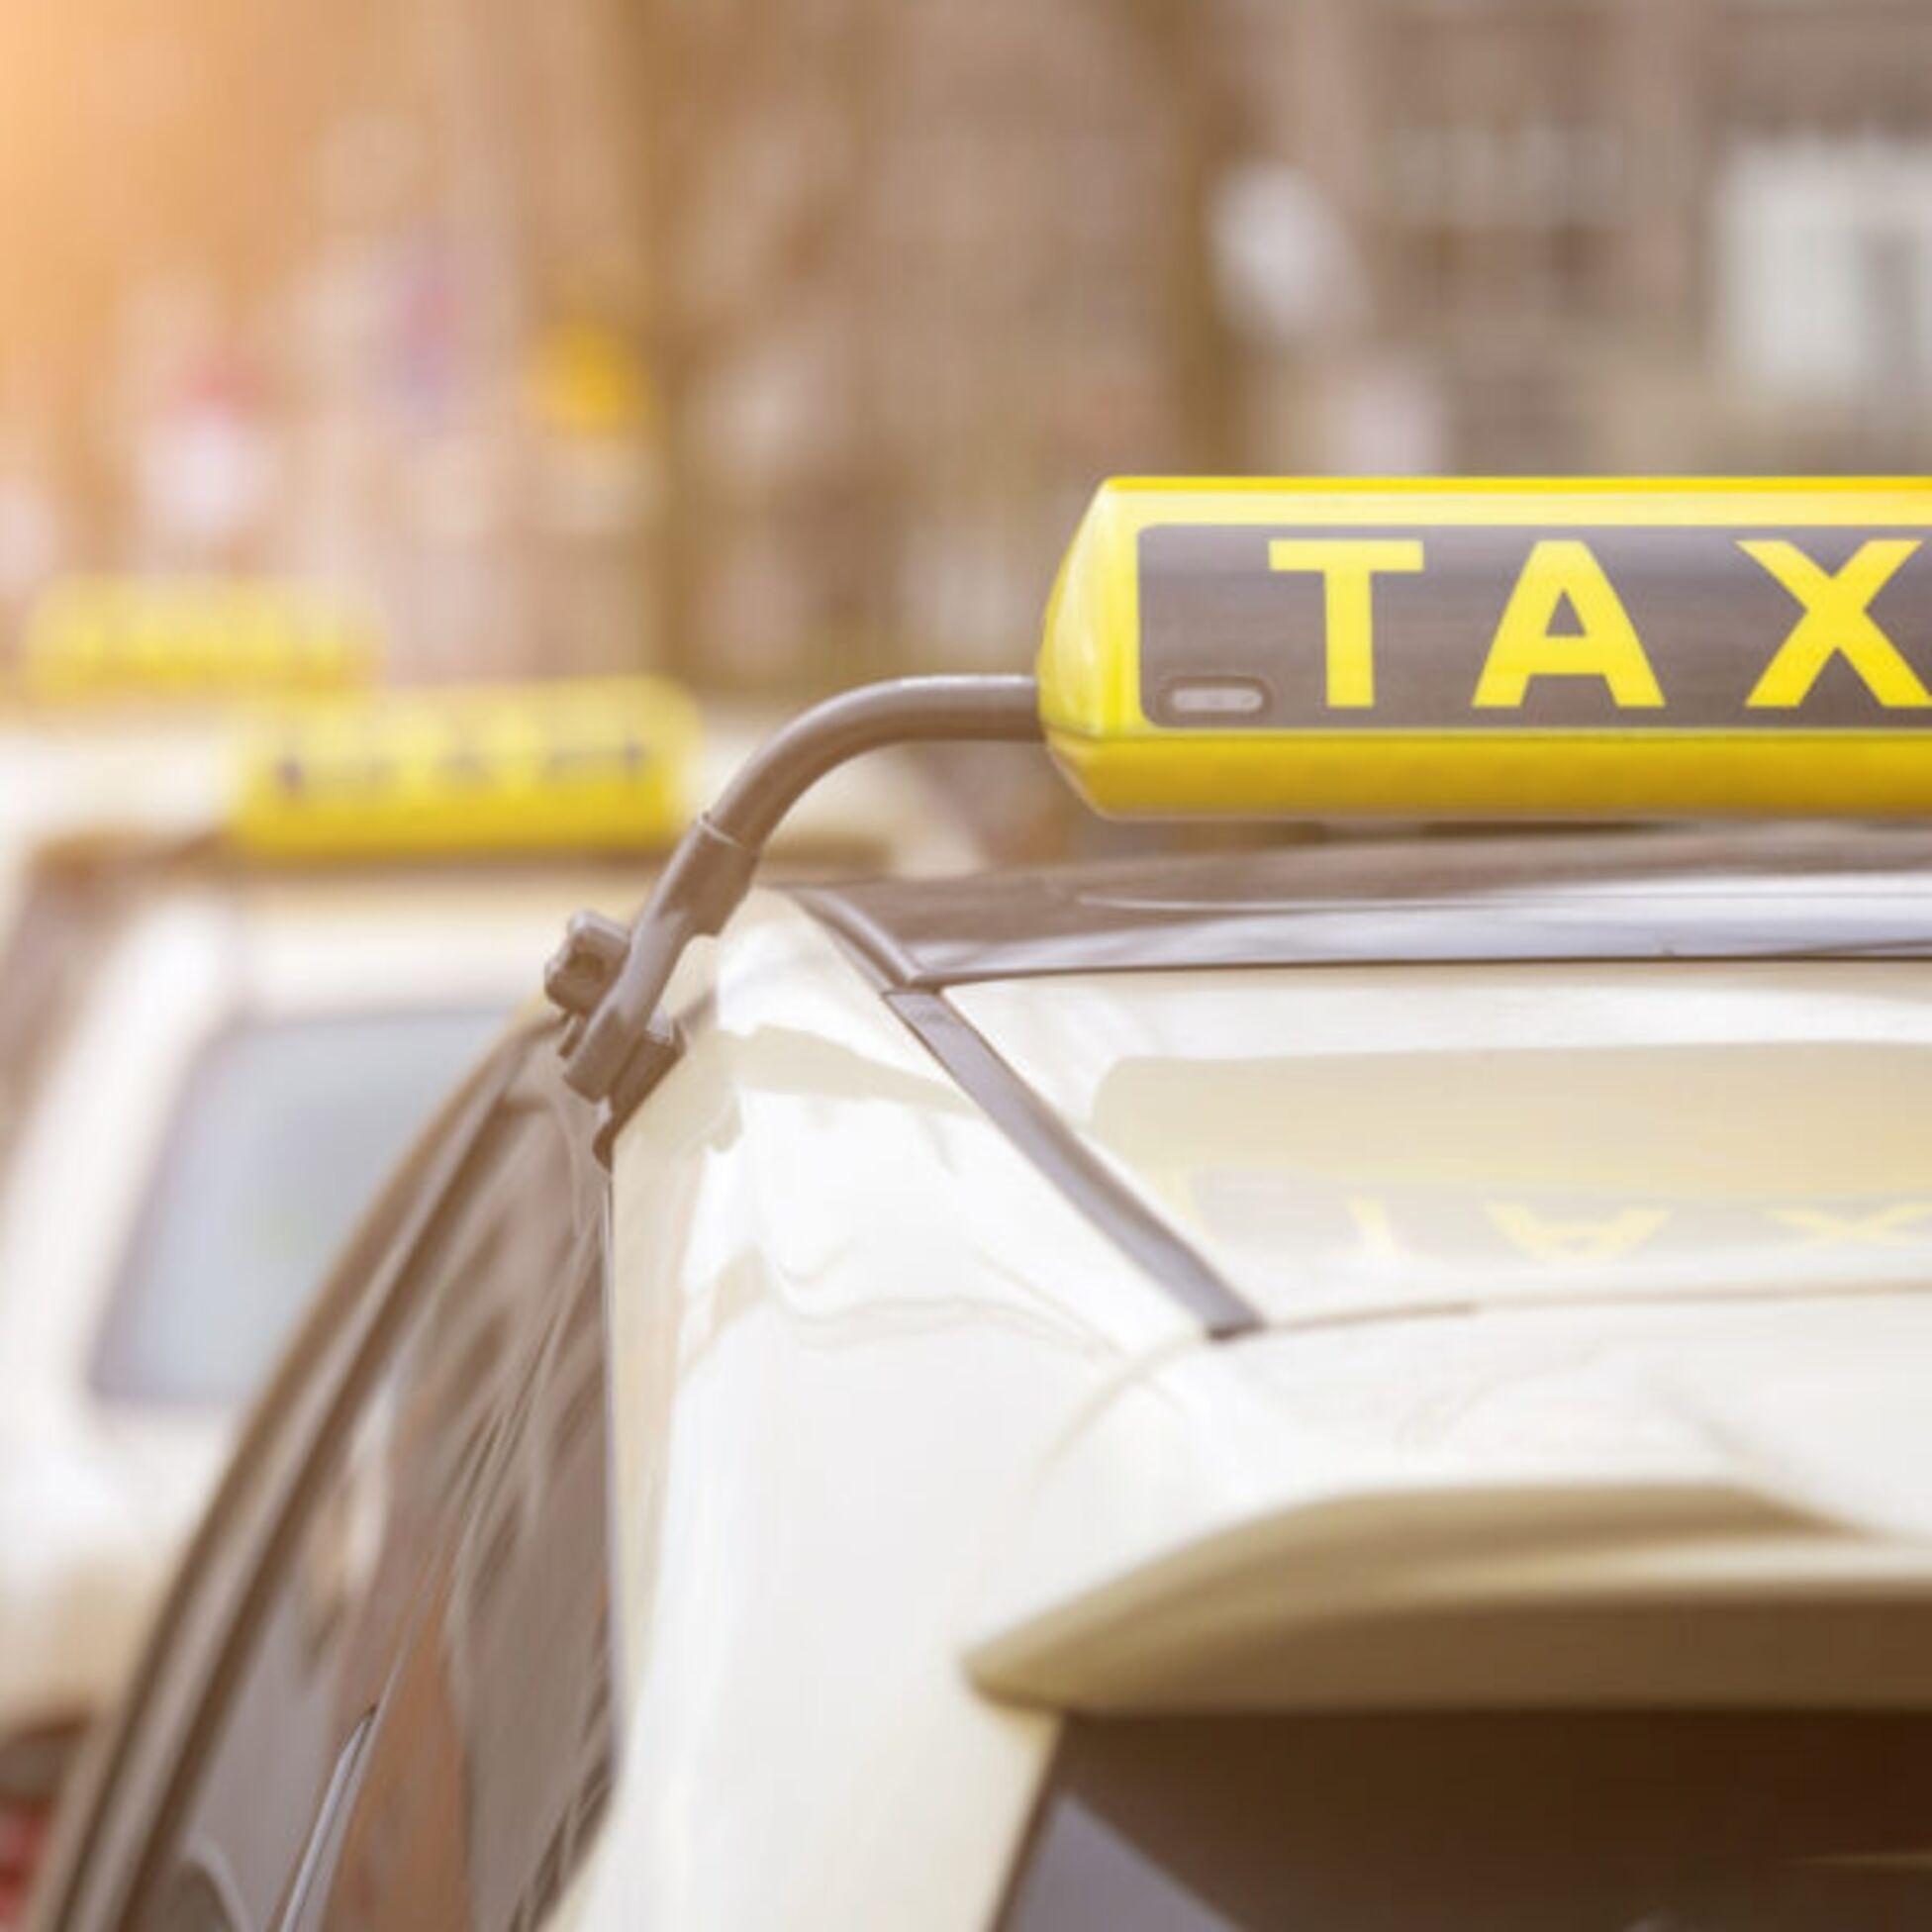 Möbel mit dem Taxi transportieren